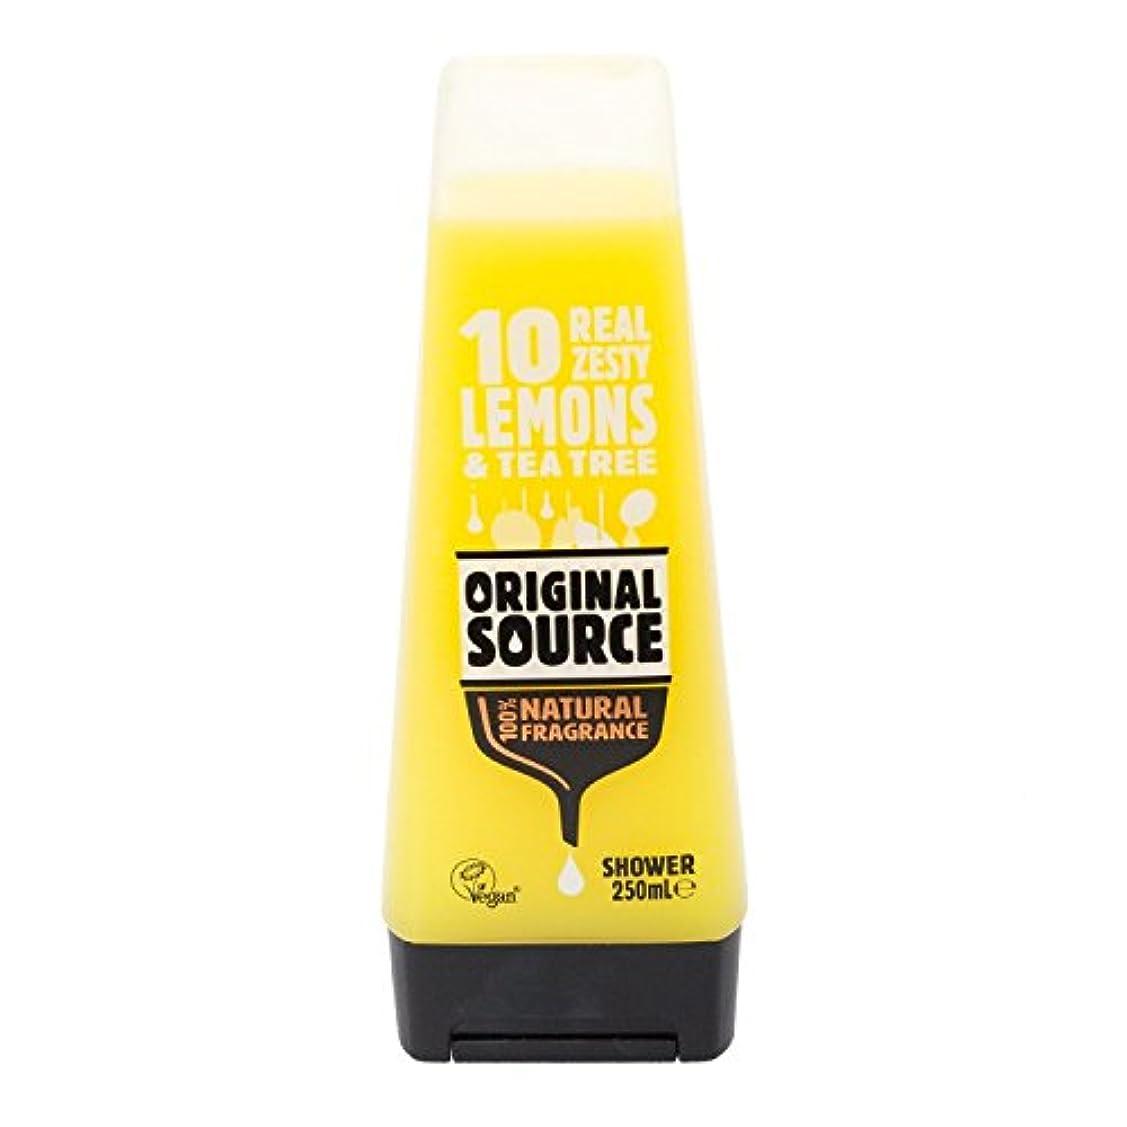 心からジョージエリオット地雷原Cussons Lemon and Tea Tree Original Source Shower Gel by PZ CUSSONS (UK) LTD